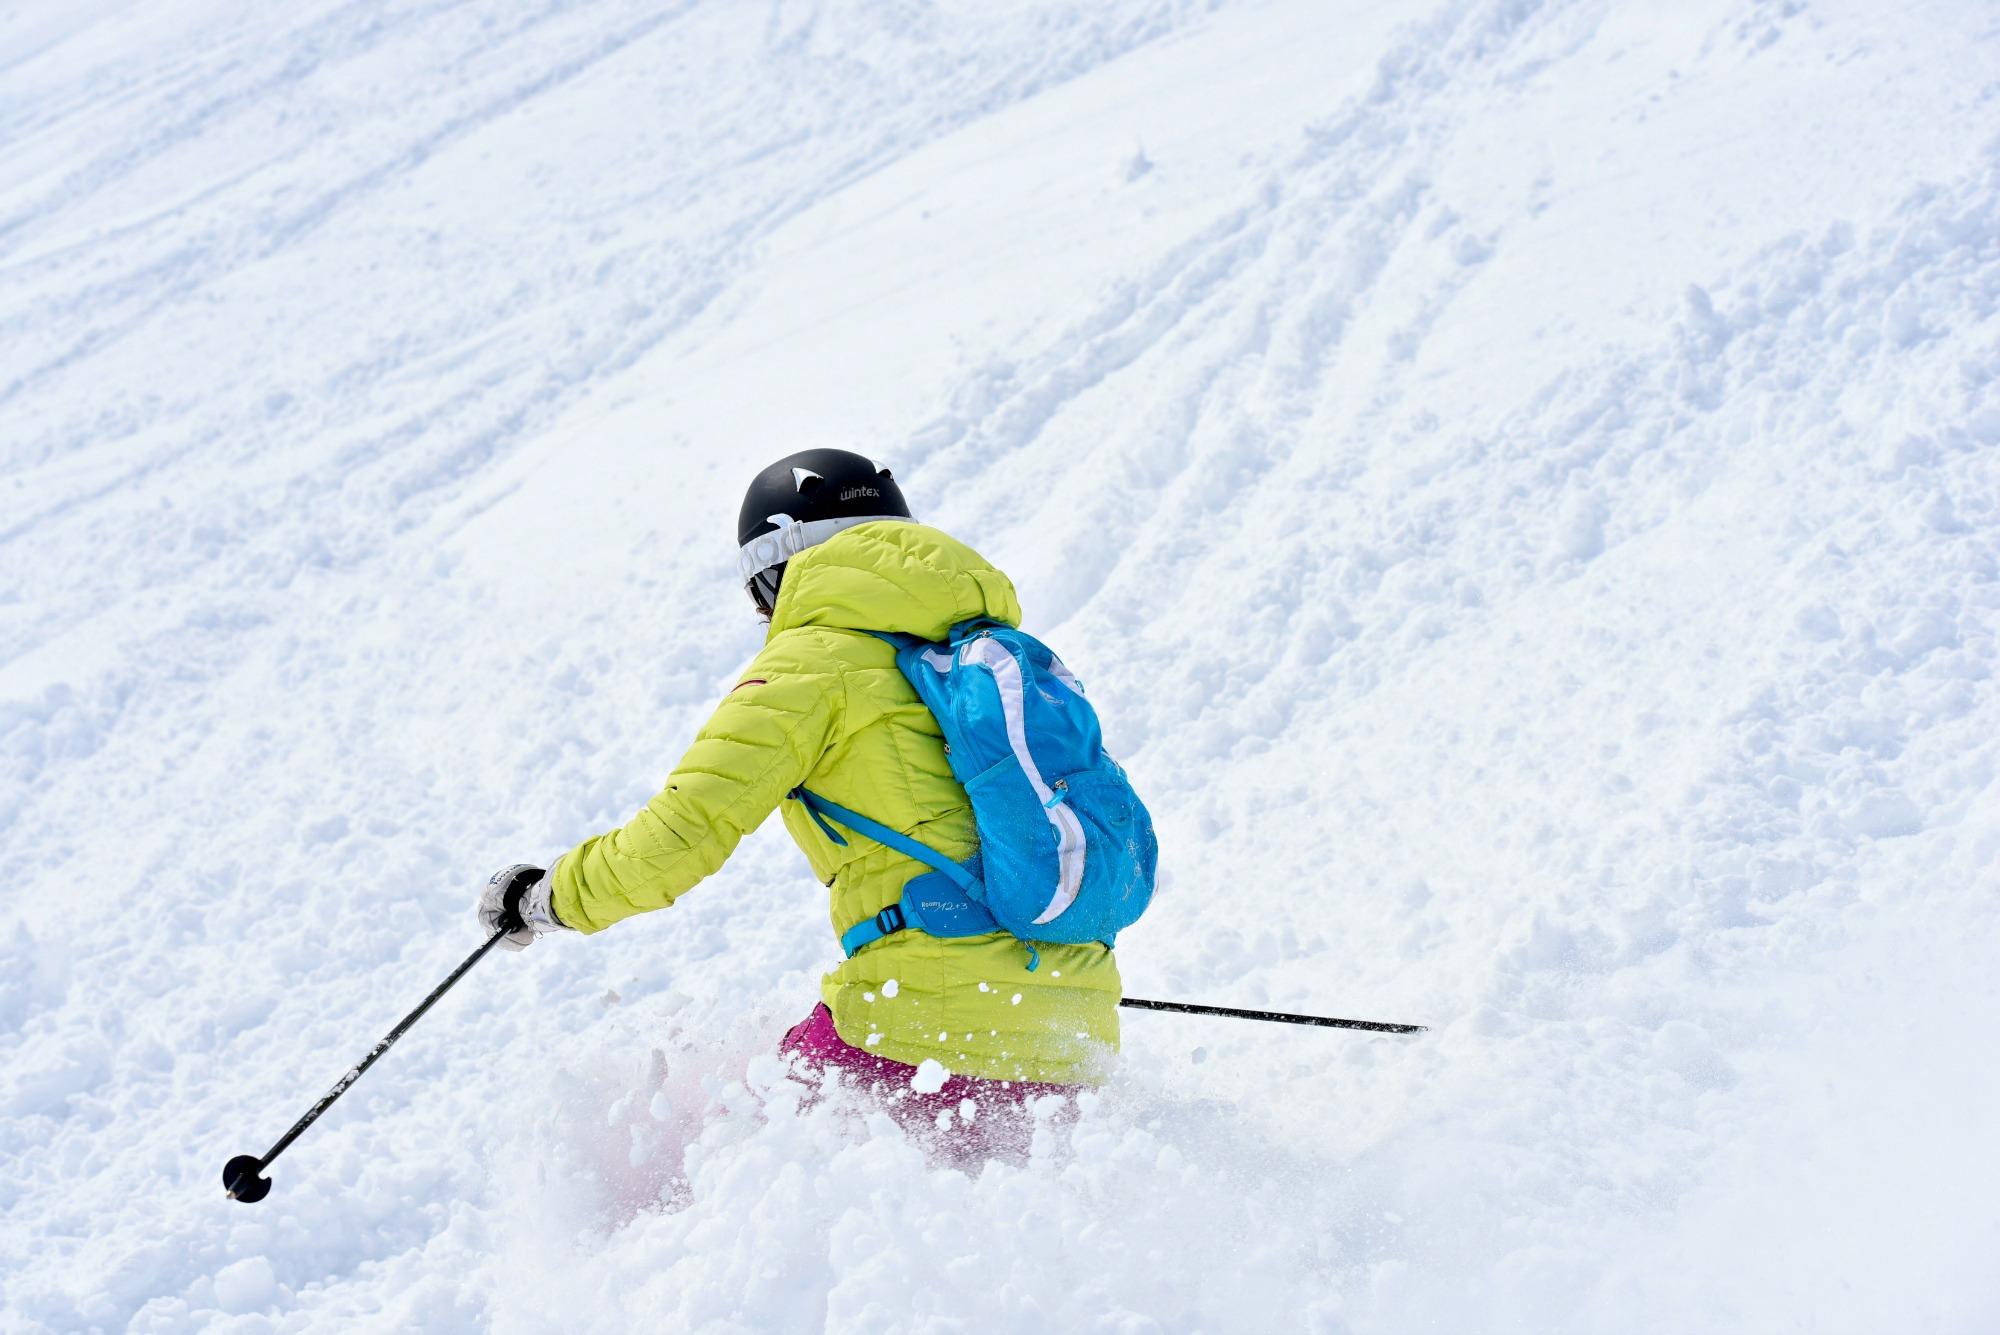 Fitnessblog-kästle-ski-klara-fuchs-österreich-blogger-sport-winter13